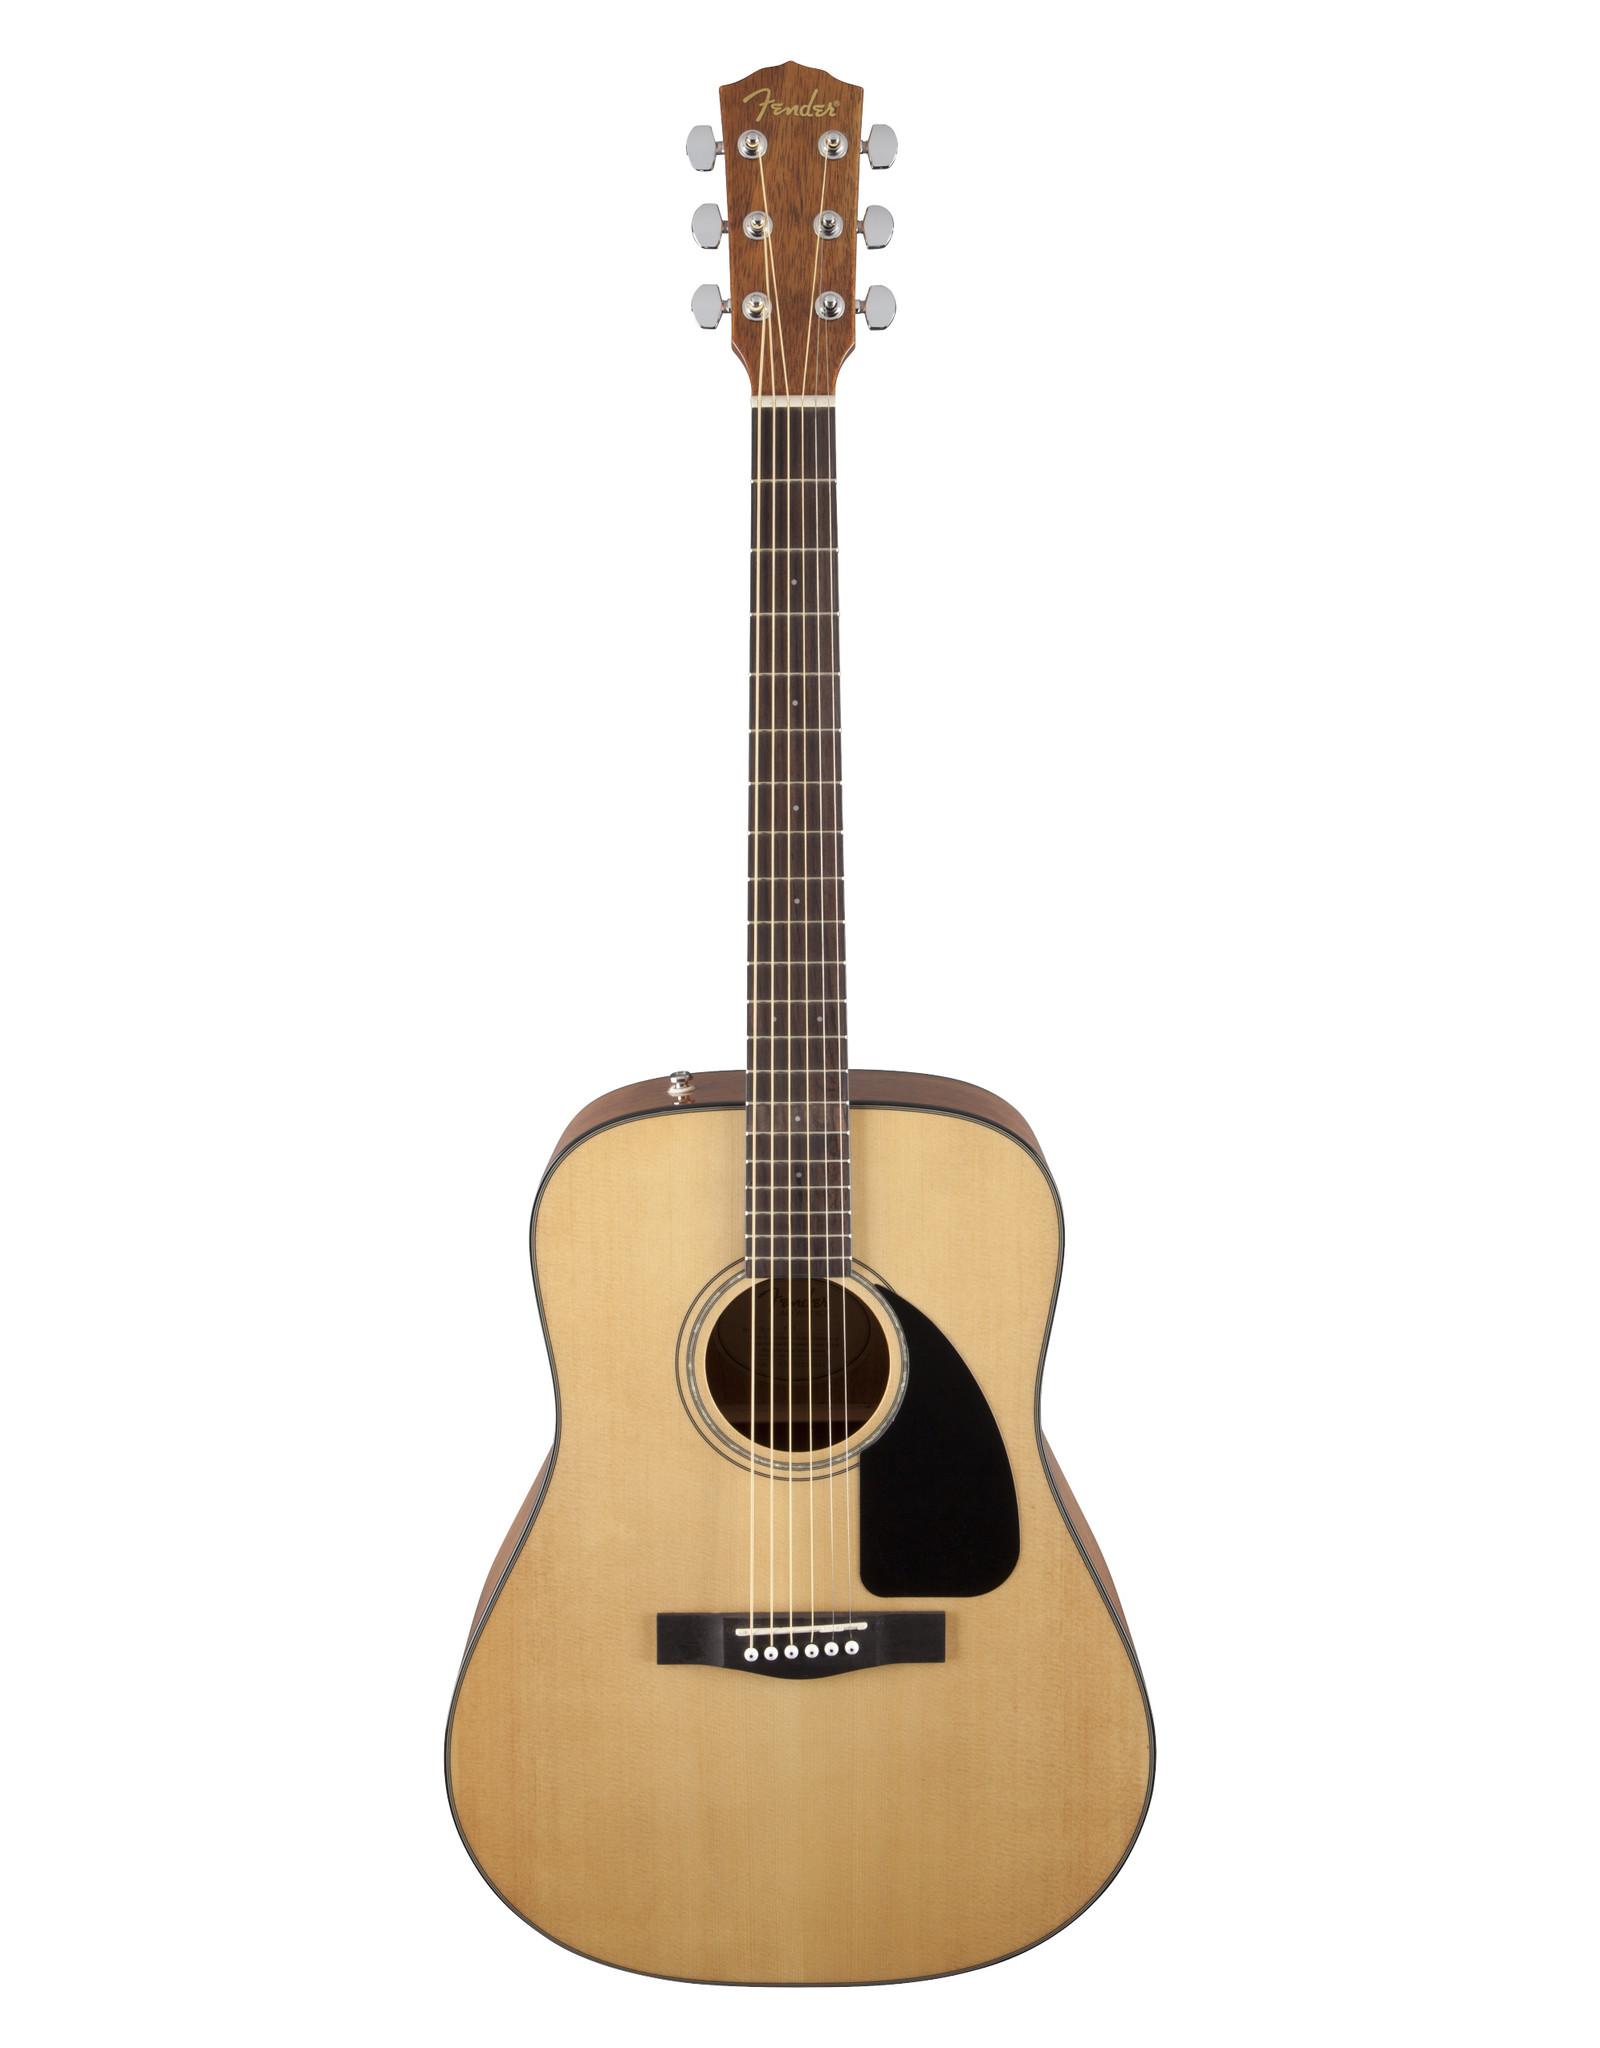 Fender Fender CD-60 Dreadnought V3 w/hsc, Natural, Walnut FB